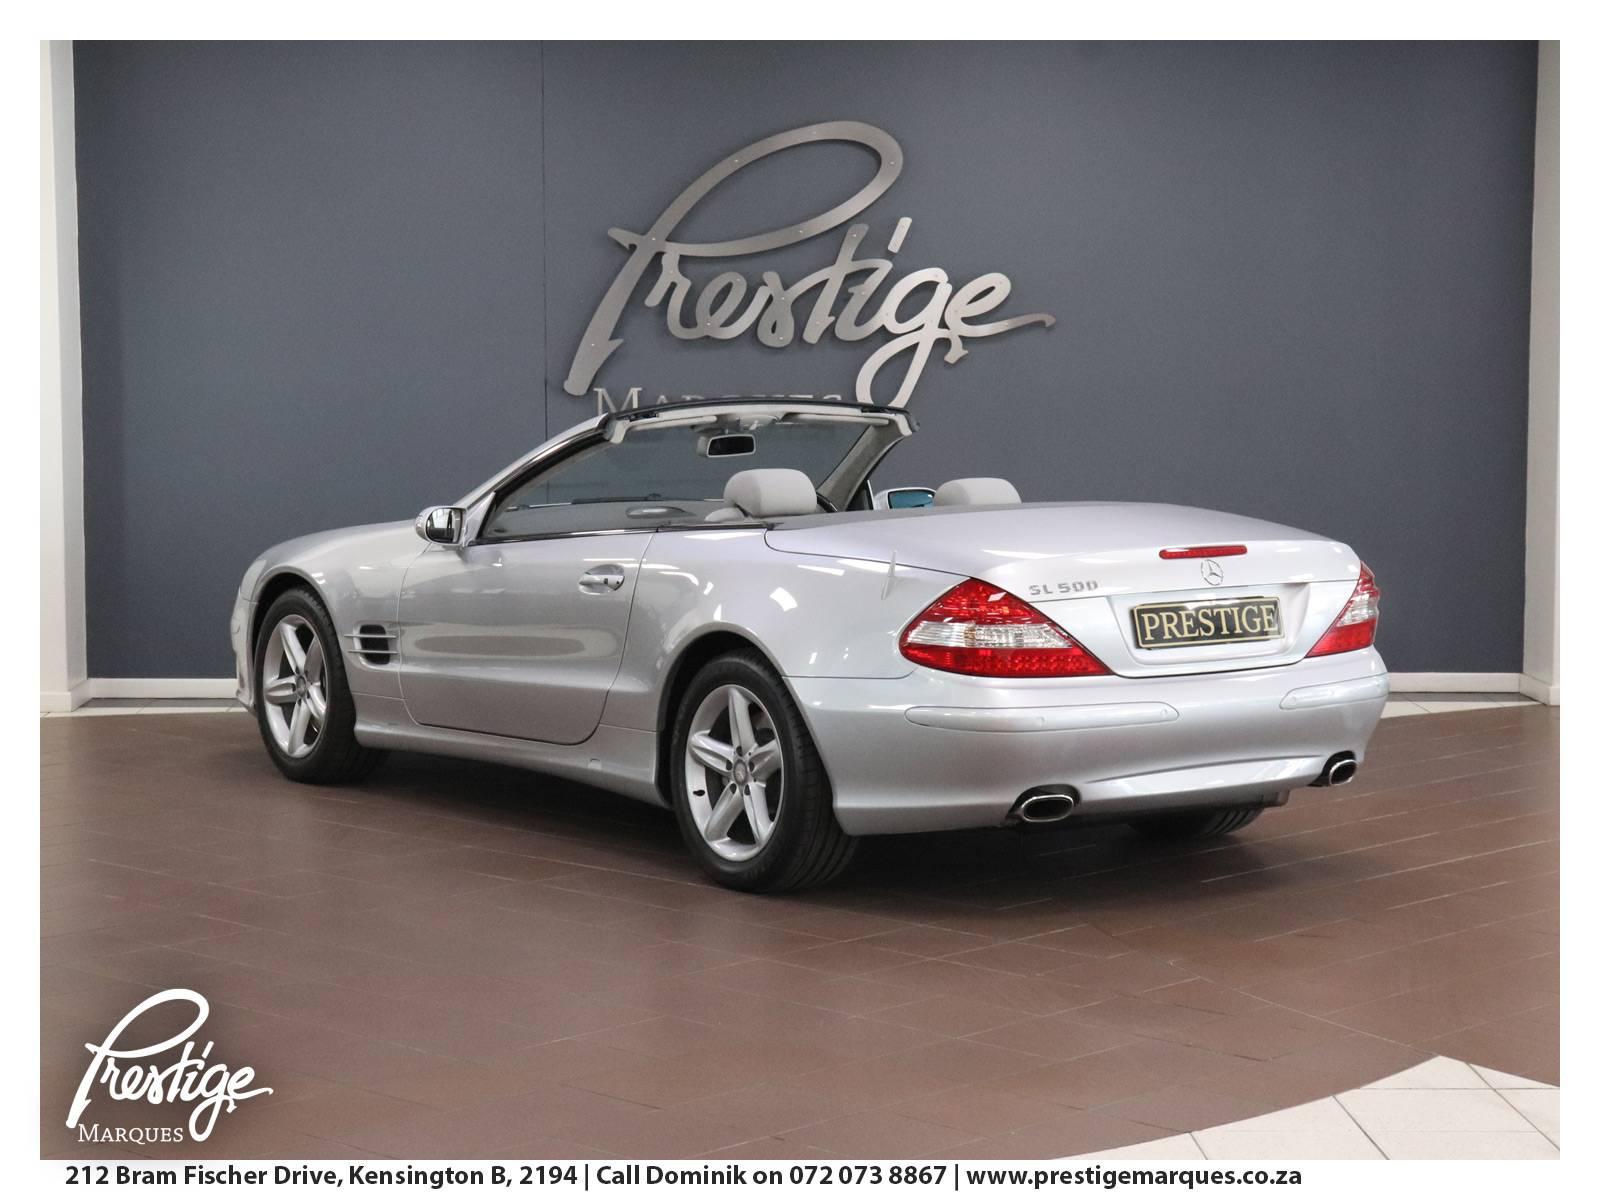 2007-Mercedes-benz-sl500-203-facelift-Prestige-Marques-Randburg-Sandton-7